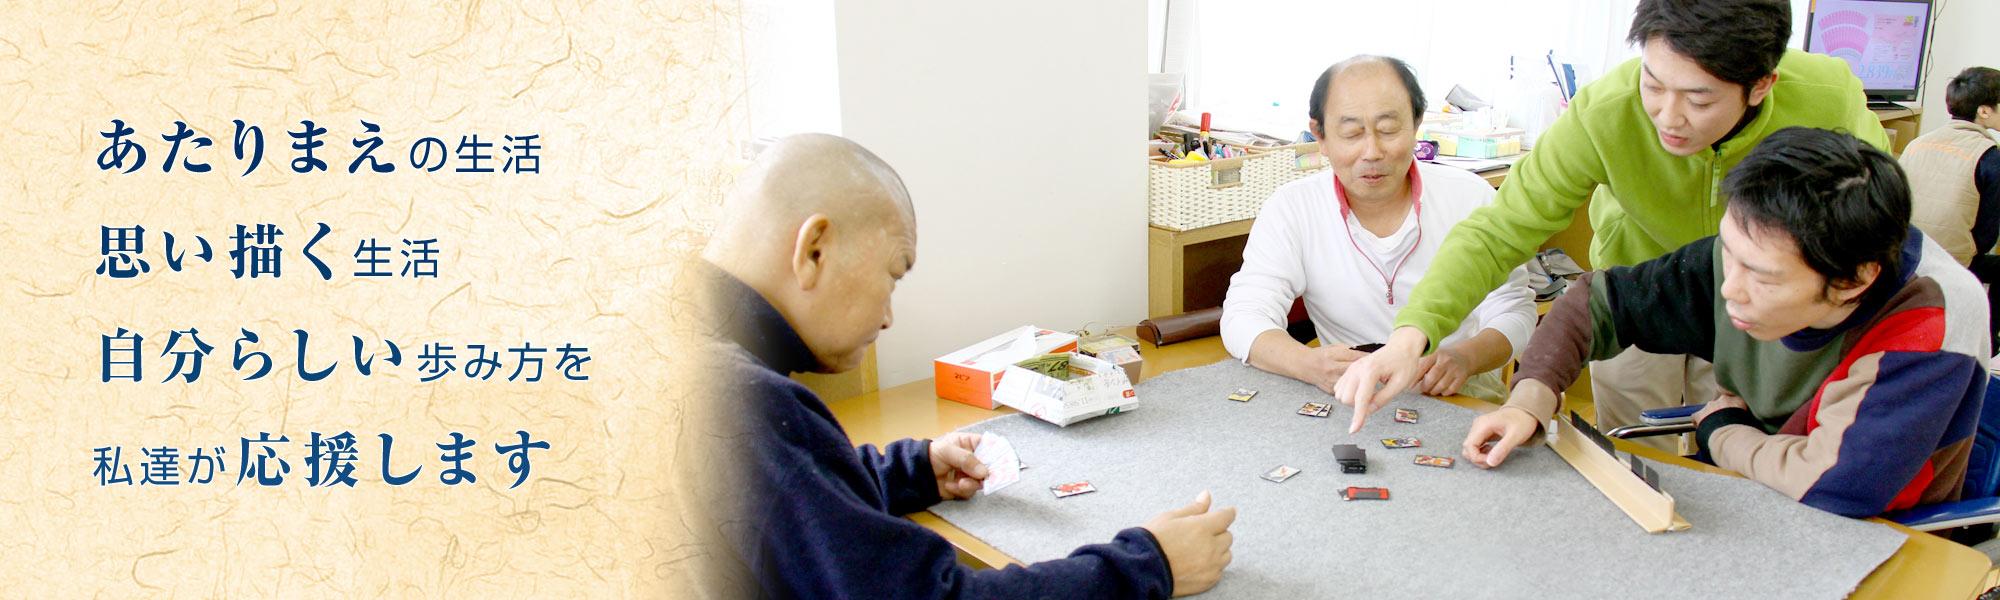 からだにやさしく、こころにやさしい、自分らしい人生を、青森県黒石市の障がい者支援施設「山郷館黒石グループ」で。入所・生活介護・グループホーム・障がい児支援を行っています。